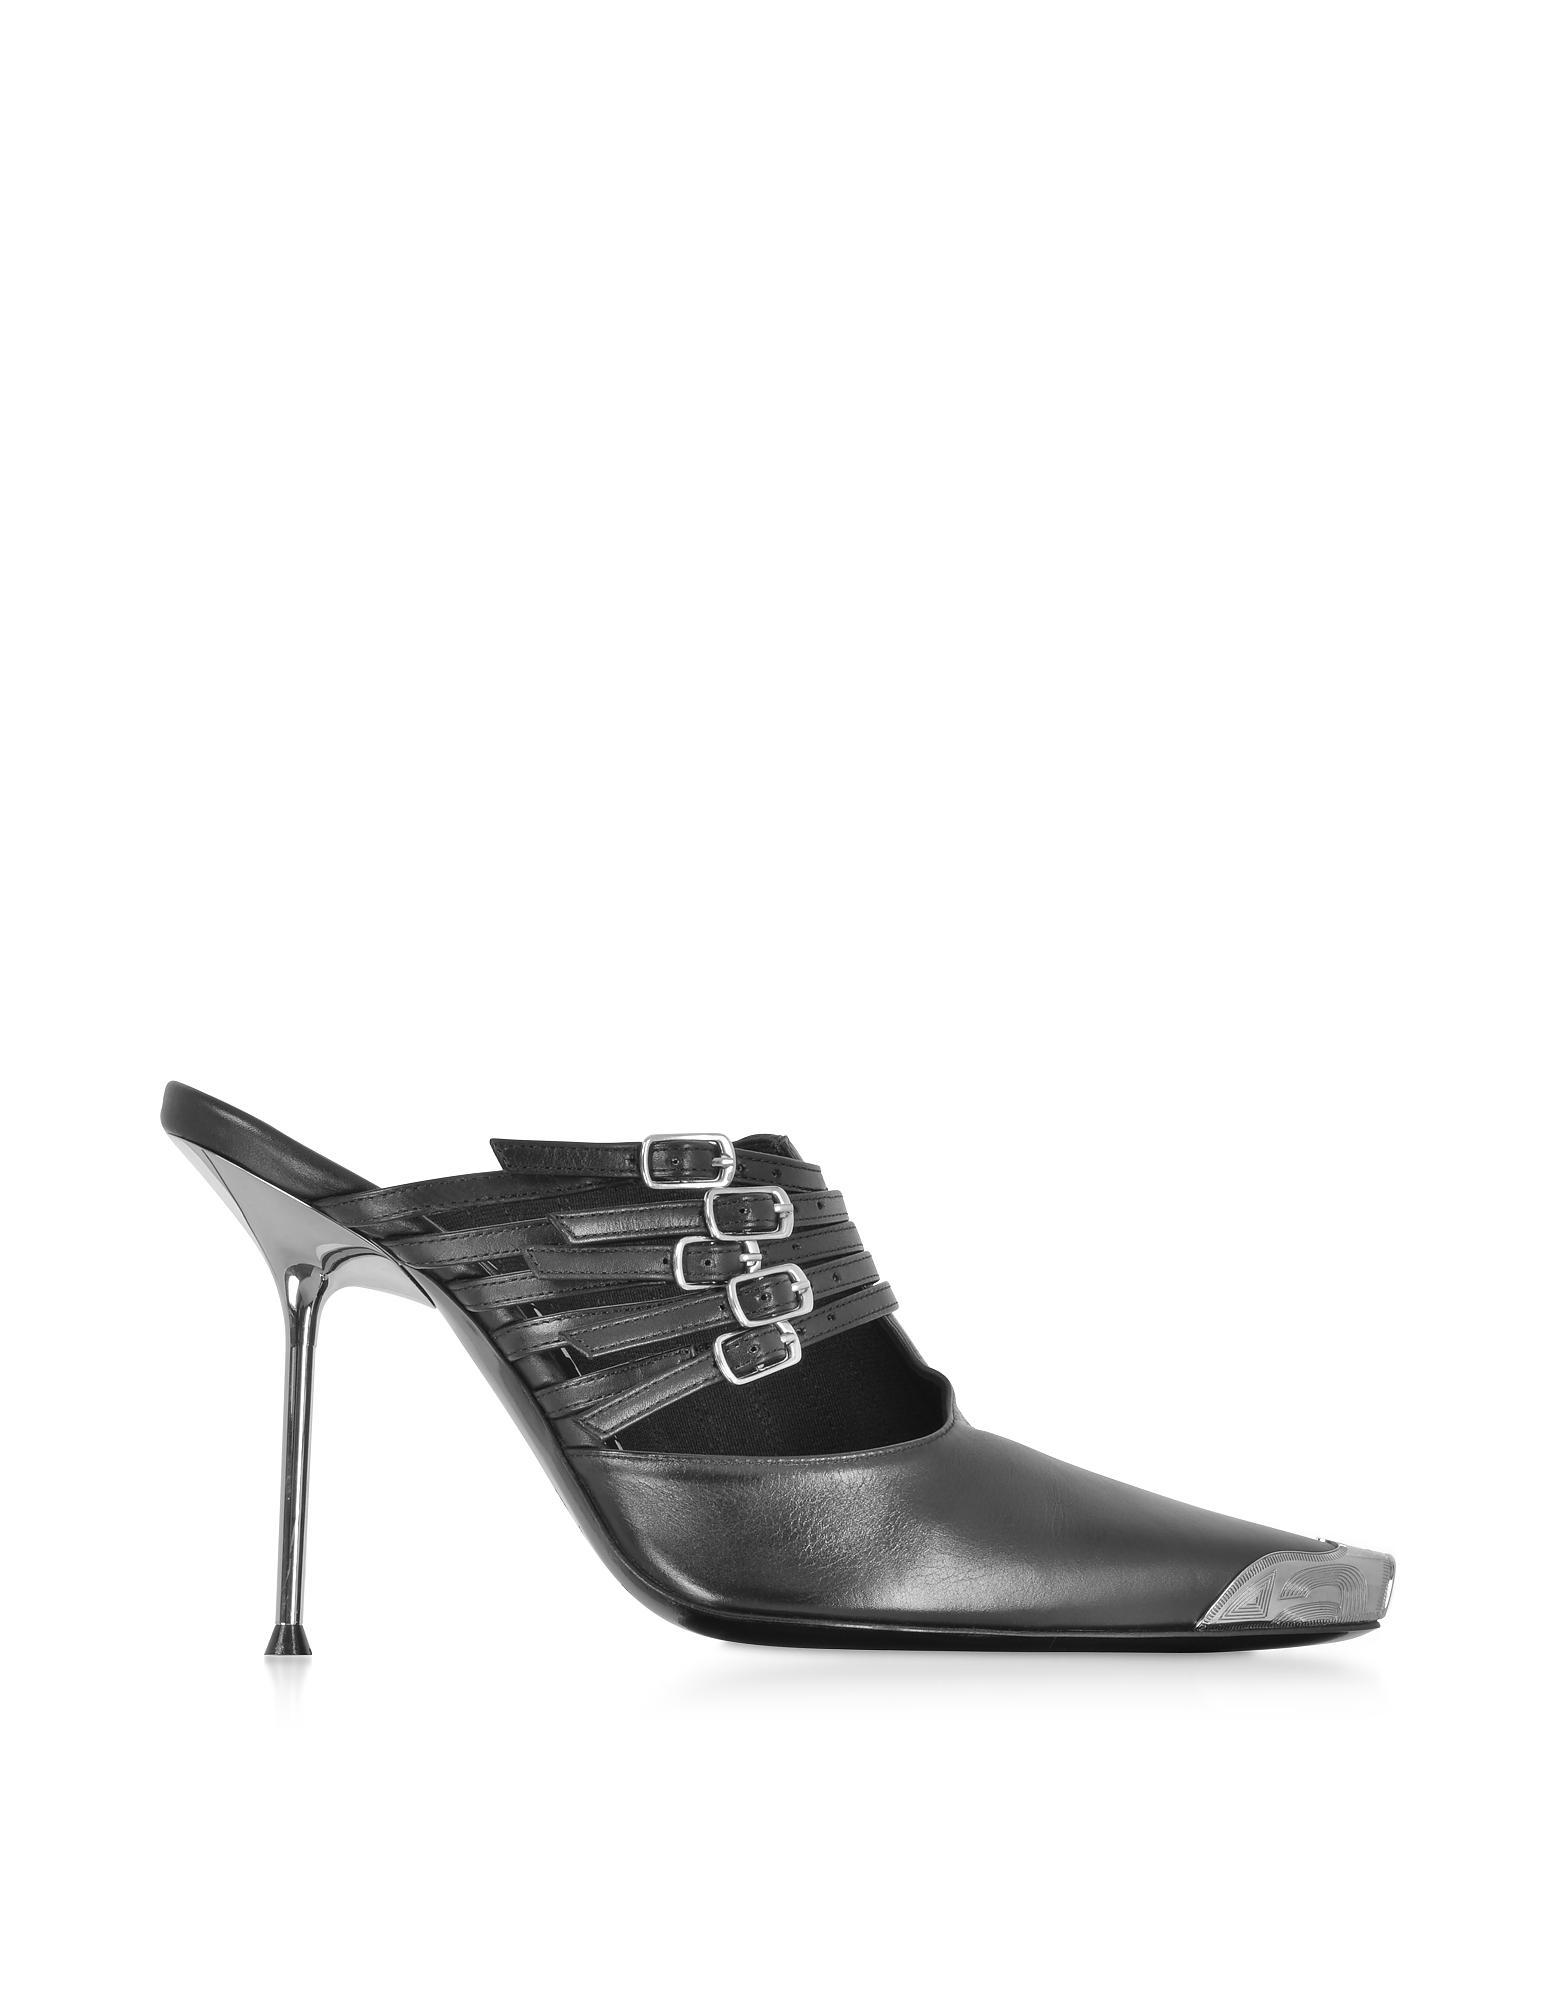 005e62df Minna Black Calf Leather High Heel Mules Alexander Wang de color ...